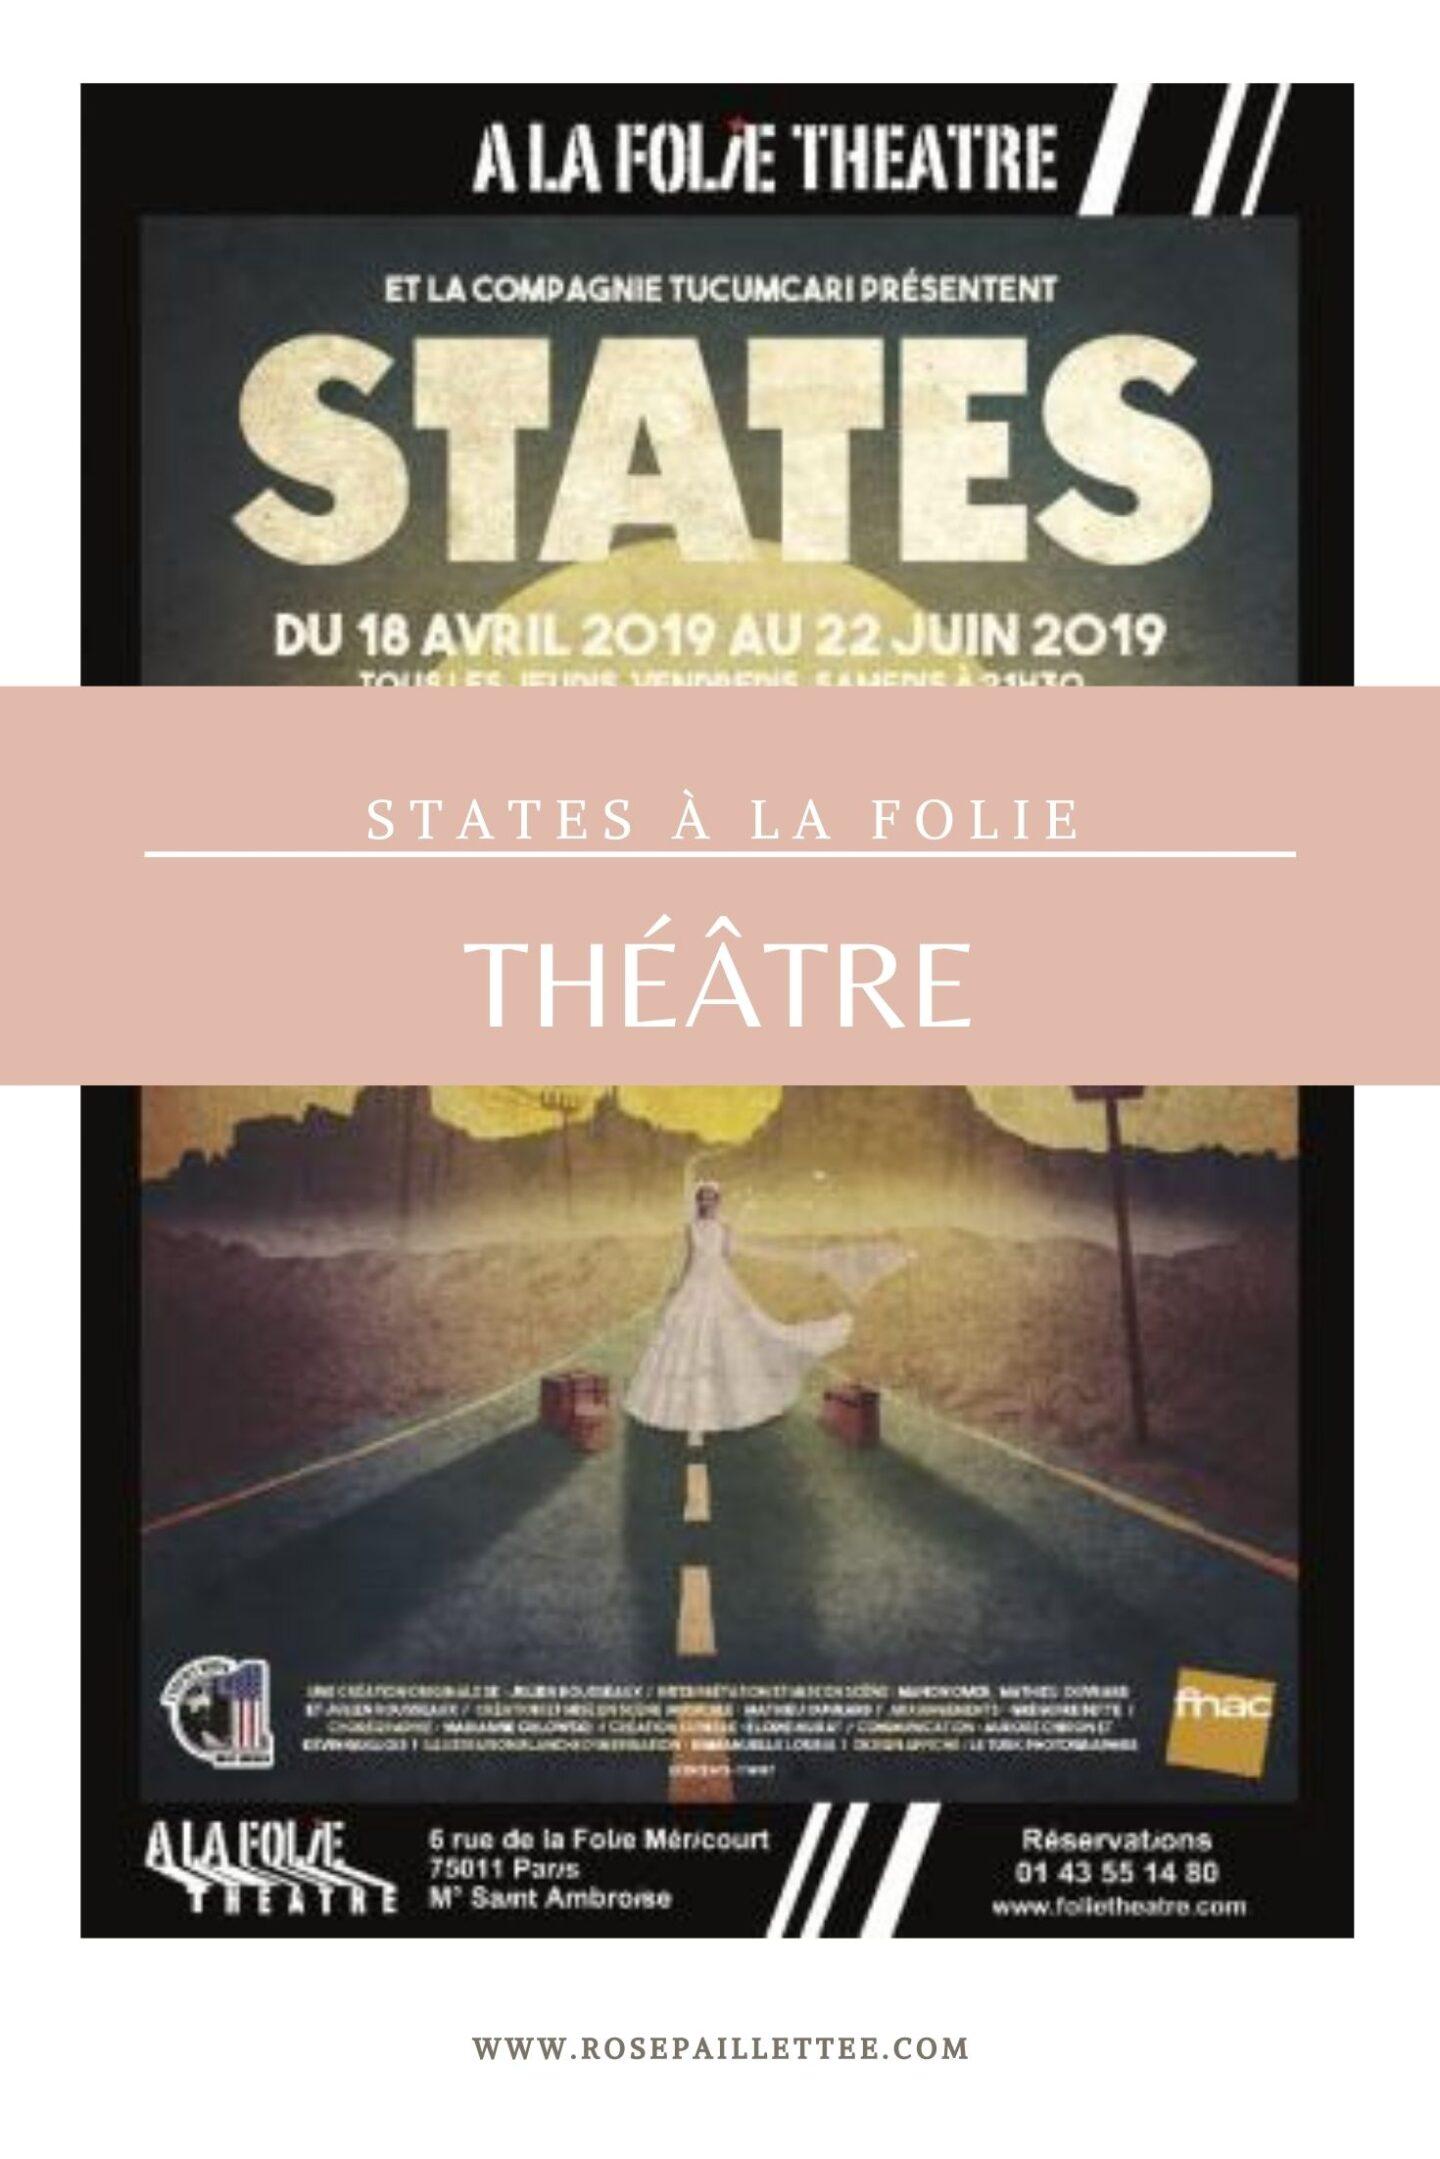 States à la folie théâtre